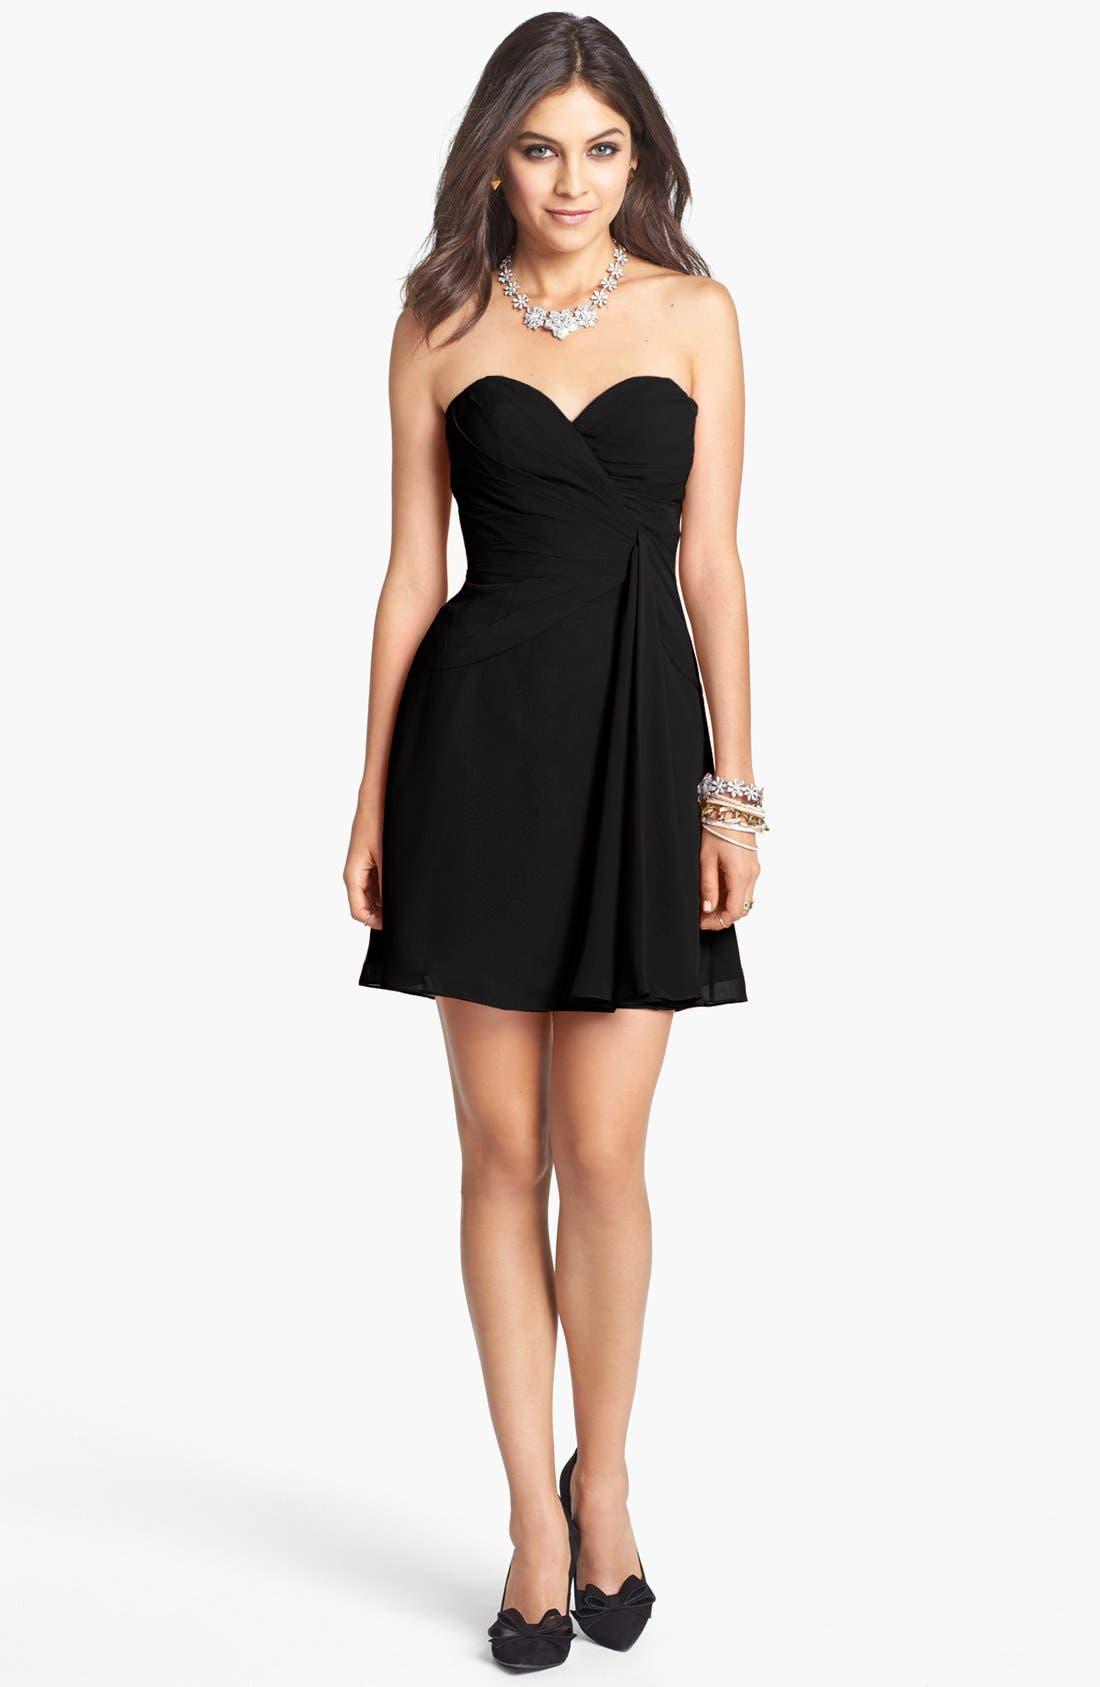 Alternate Image 1 Selected - Faviana Strapless Chiffon Dress